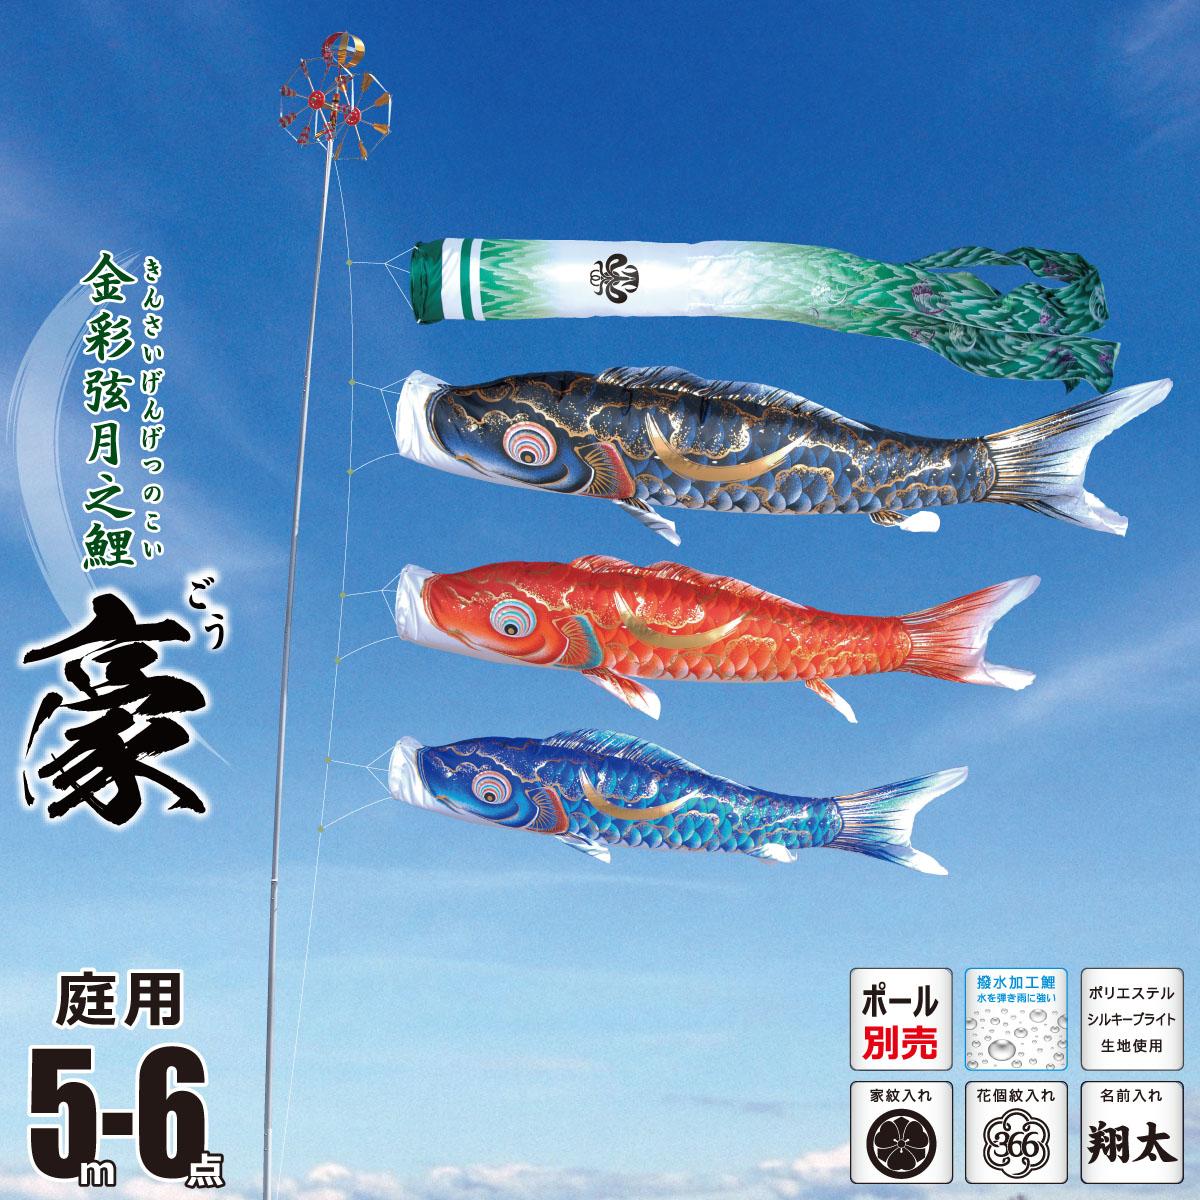 こいのぼり 5m 豪(ごう) 6点 (矢車、ロープ、吹流し、鯉3匹) 庭園用 (ポール別売り) 徳永鯉のぼり KIT-001-812